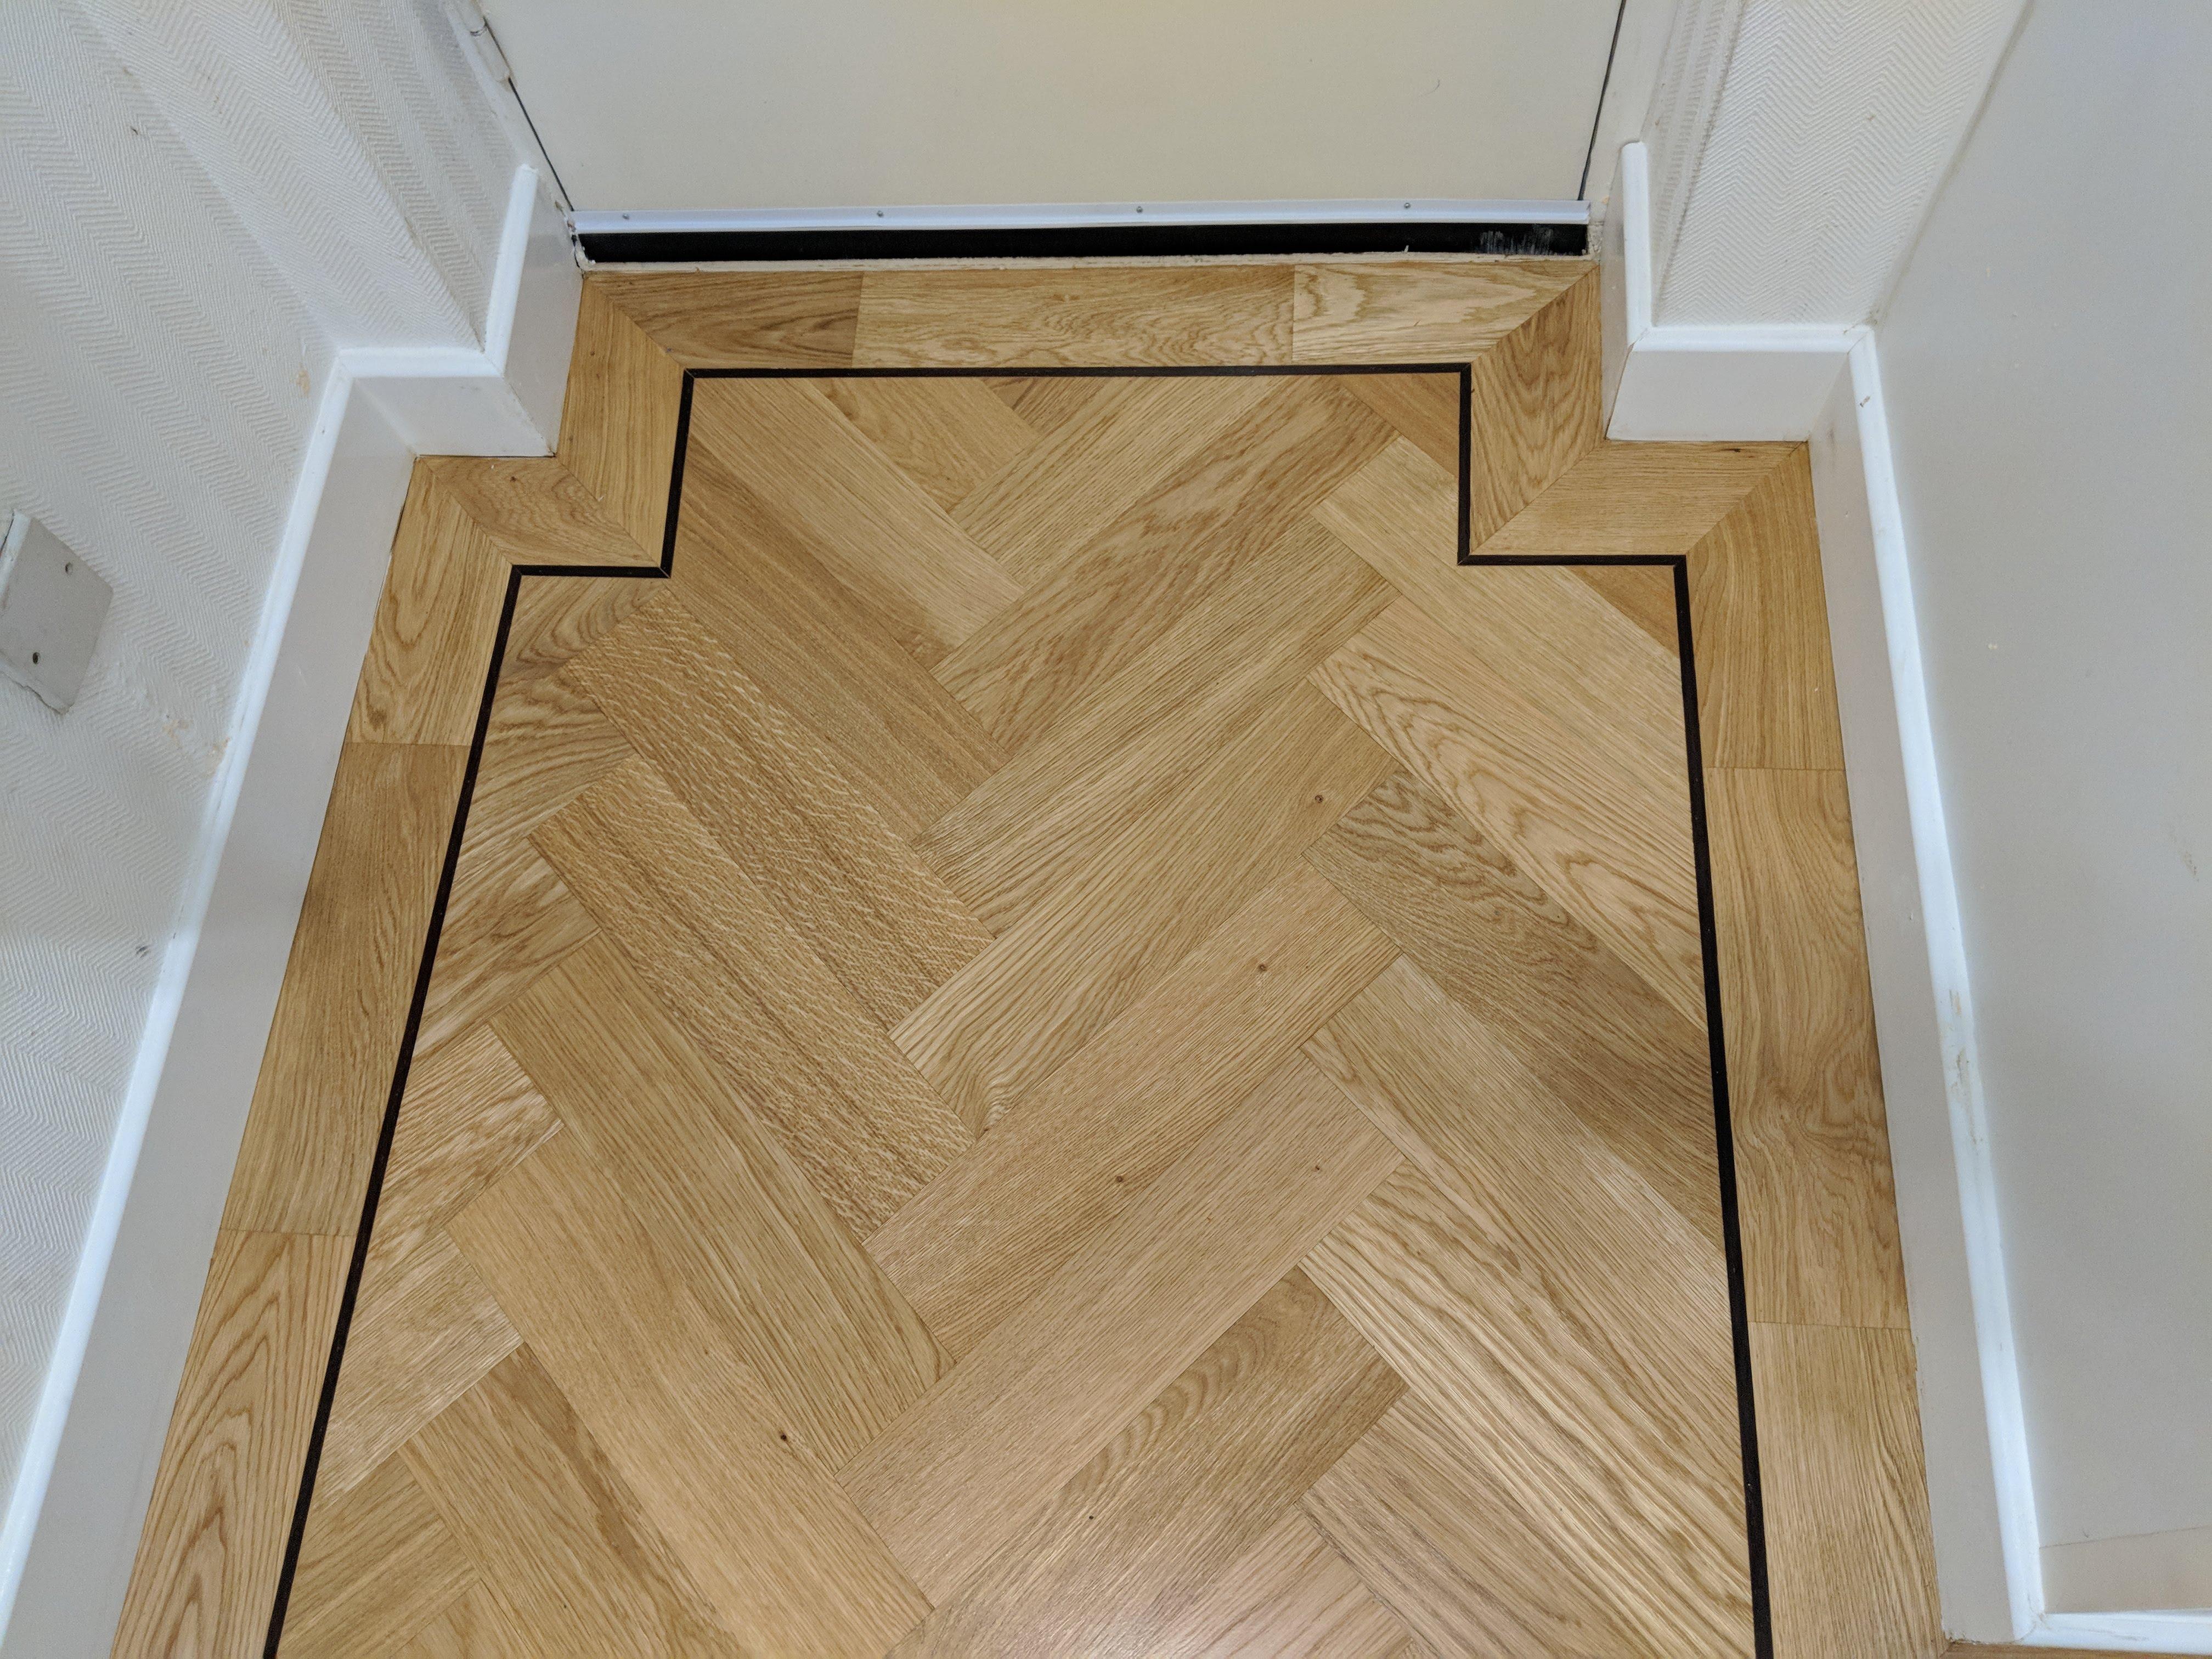 Fin Wood Ltd Photo 124